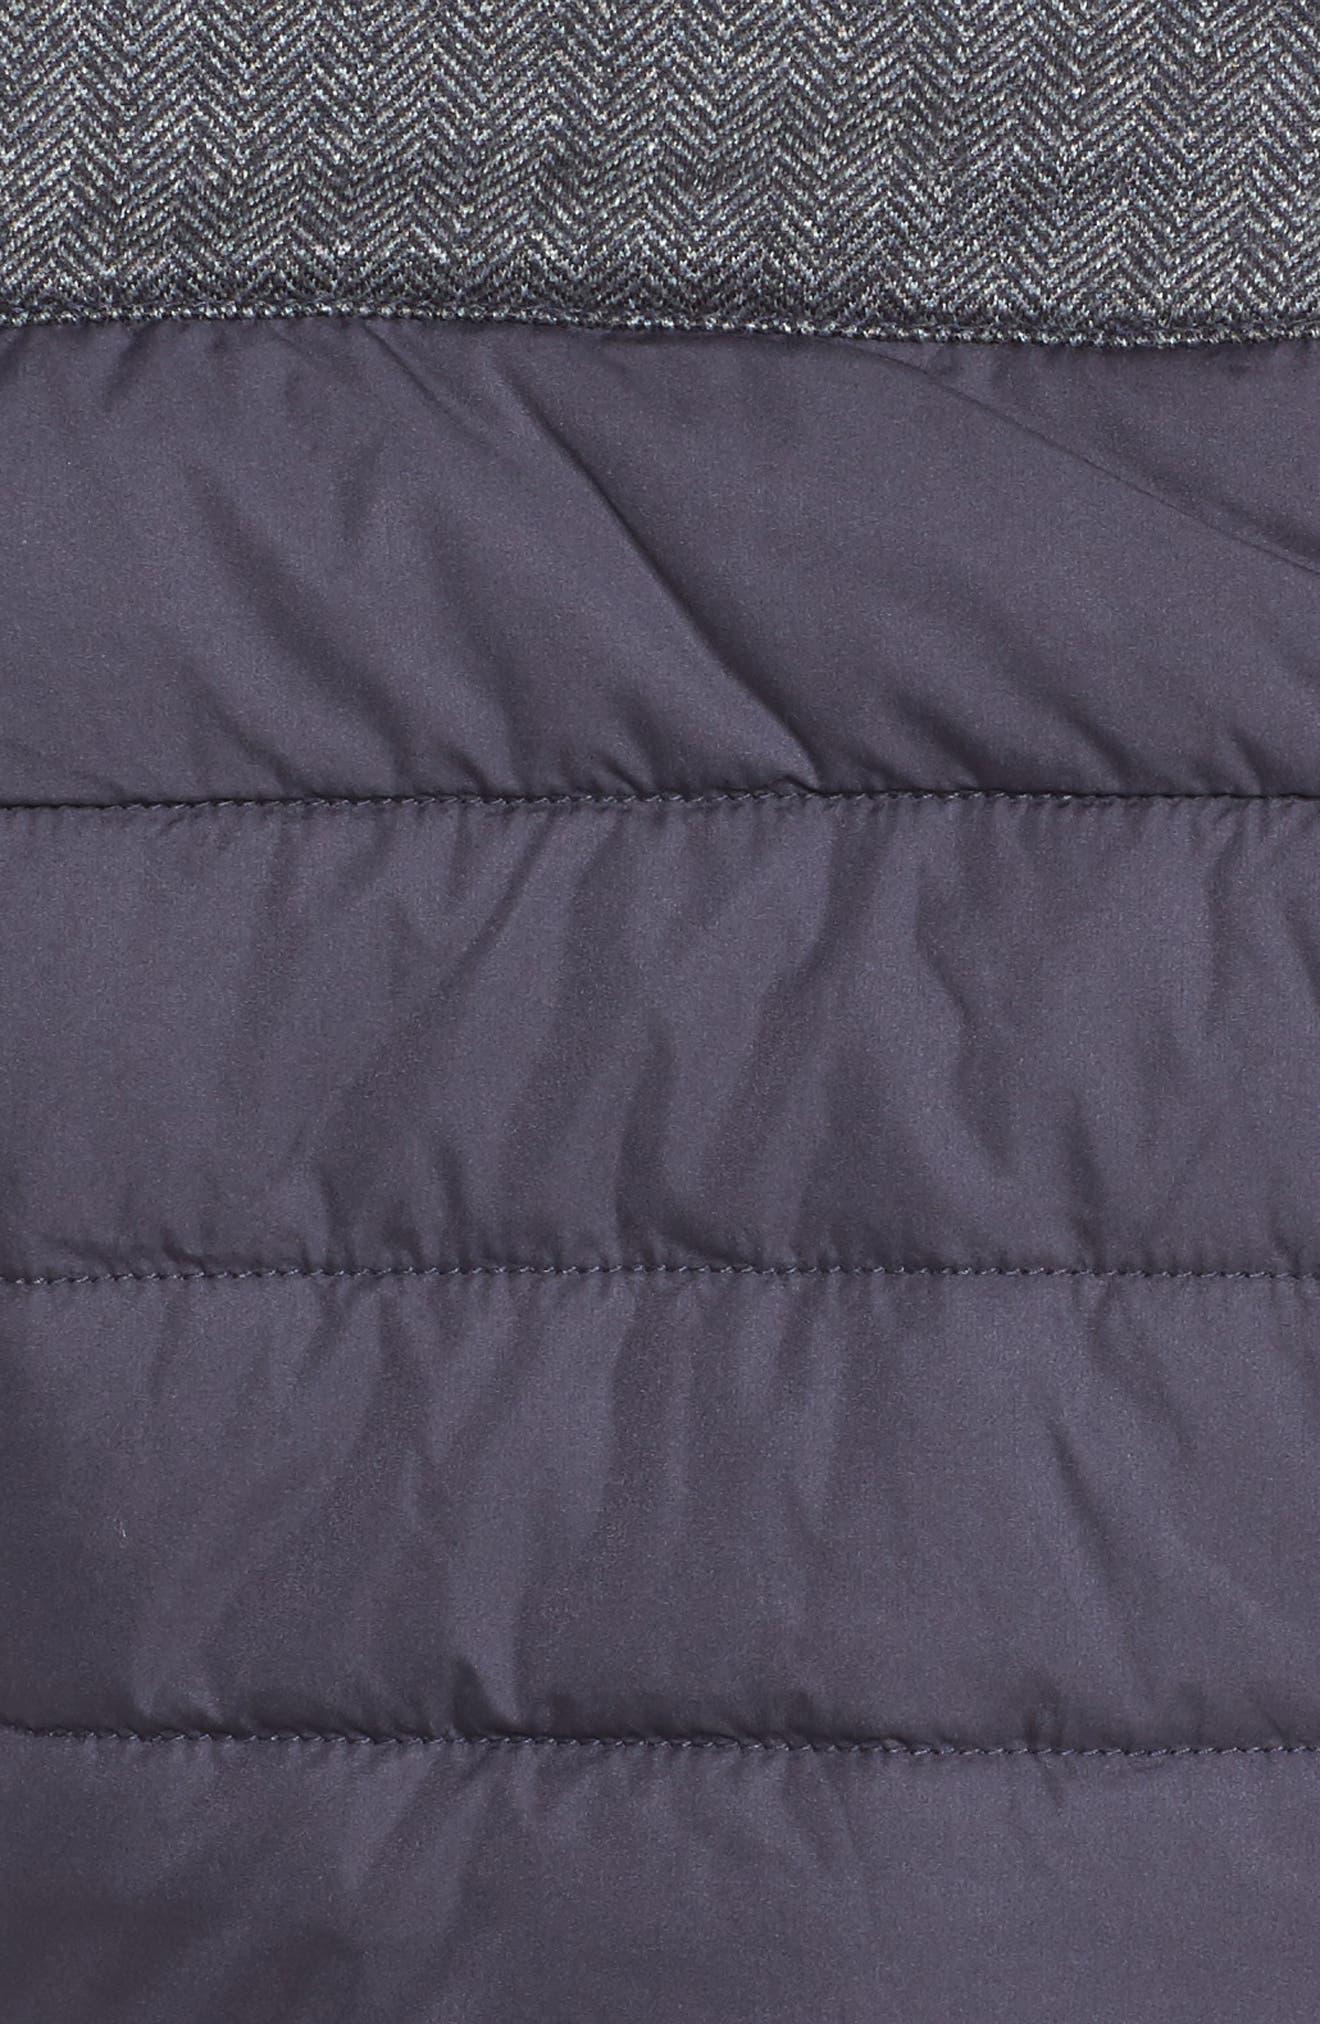 HellyHansen 'Astra' Jacket,                             Alternate thumbnail 13, color,